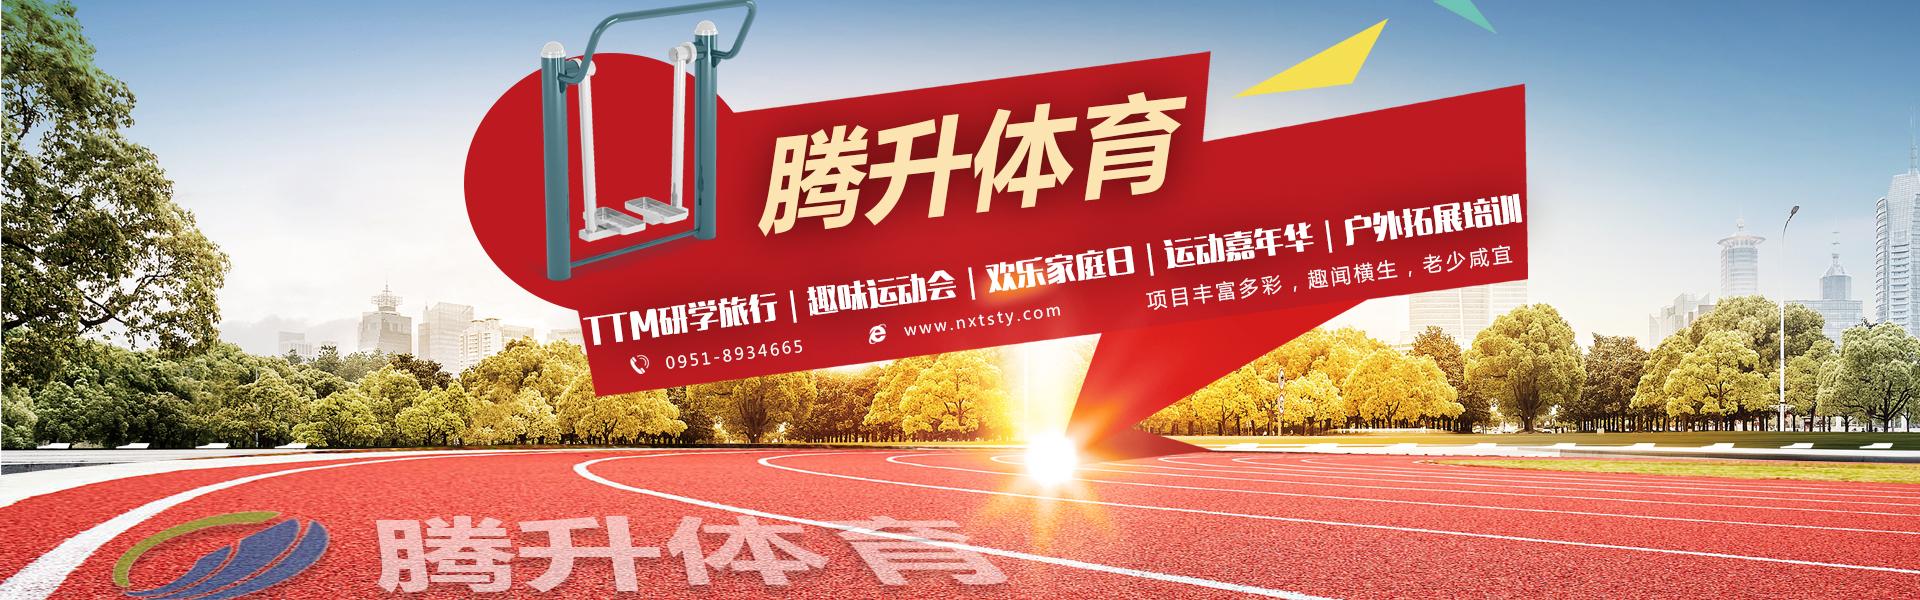 宁夏腾升体育文化传播有限公司